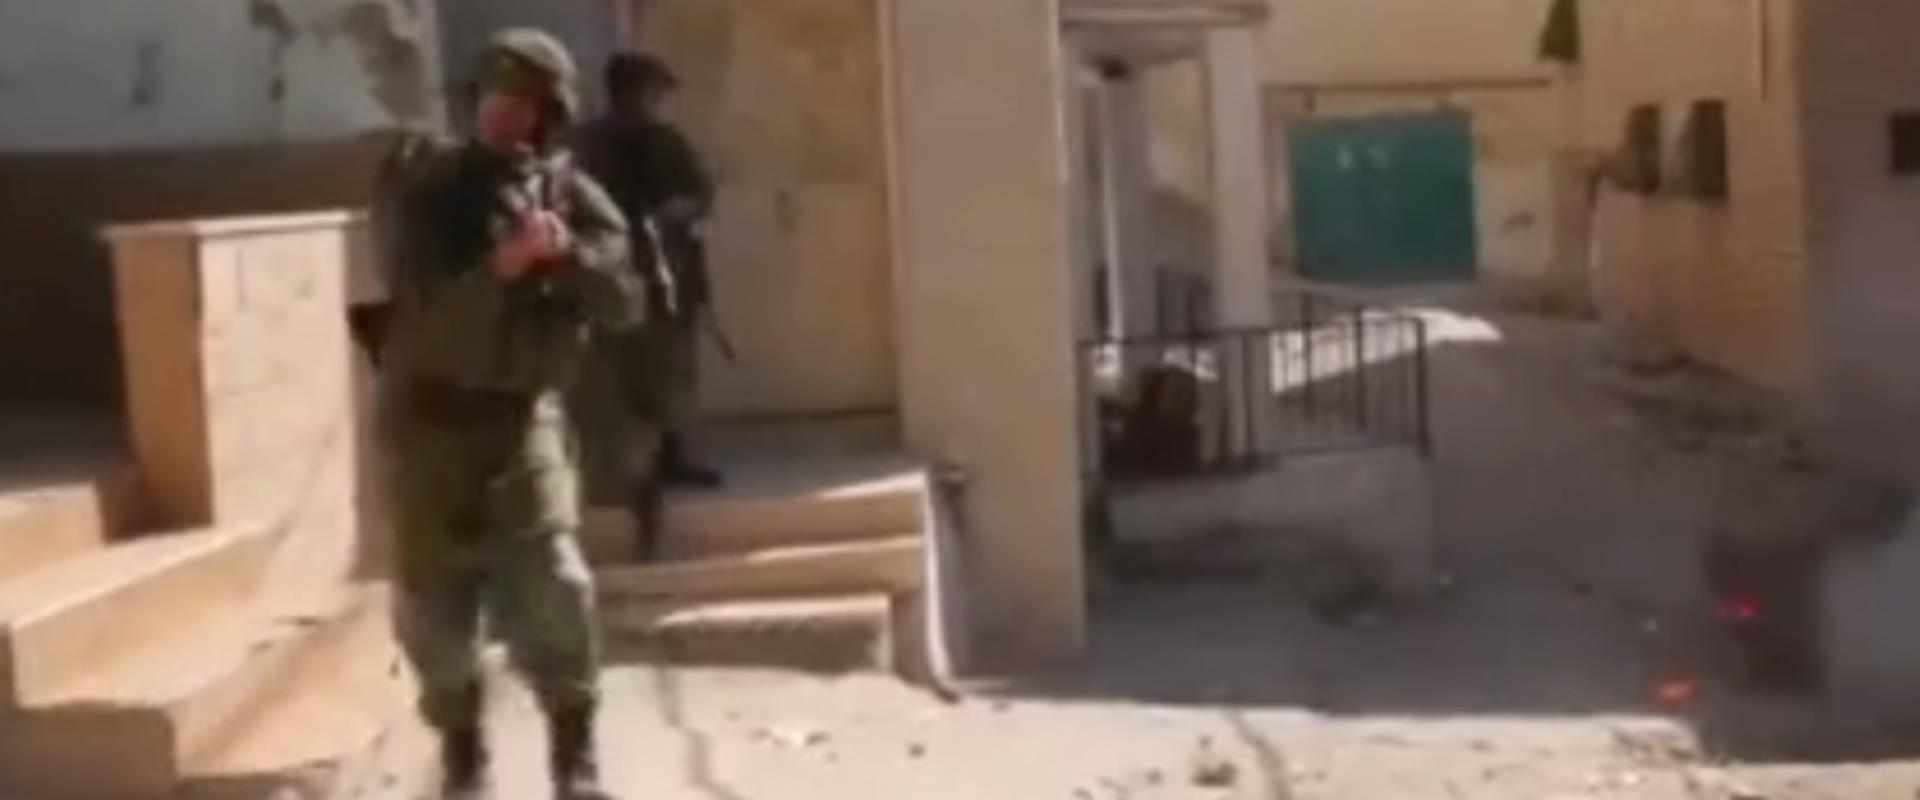 תיעוד הירי לעבר הצעיר הפלסטיני, היום